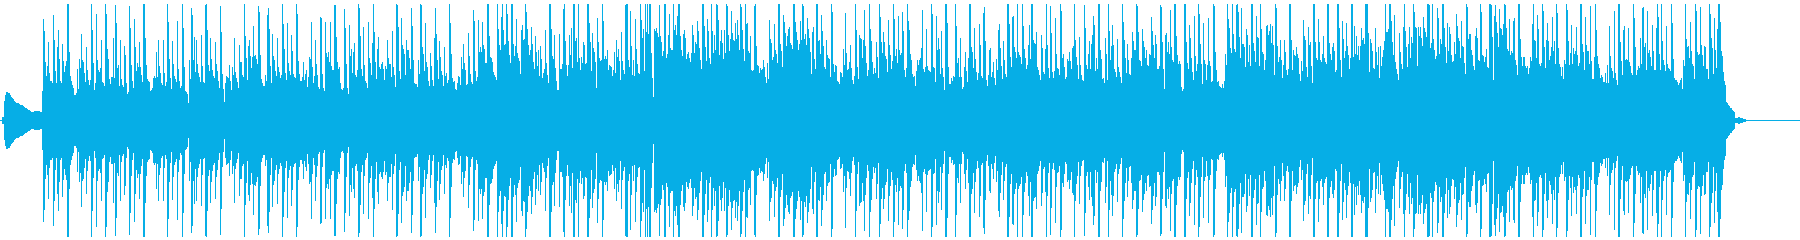 日常を感じさせる優しいローファイポップの再生済みの波形